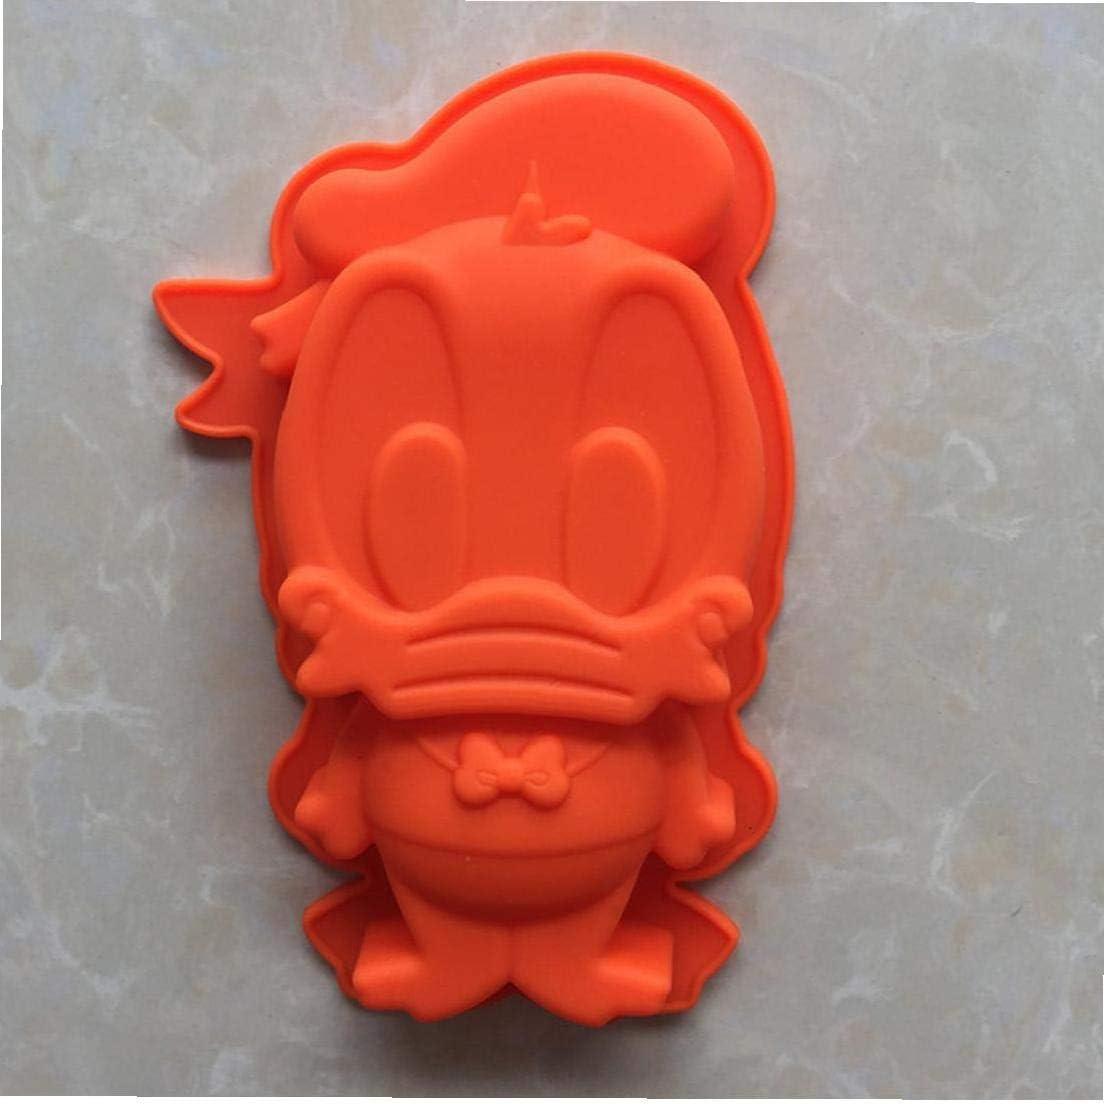 Paperino torta muffa del fondente stampo in silicone per Candy Chocolate Supplies Bakeware